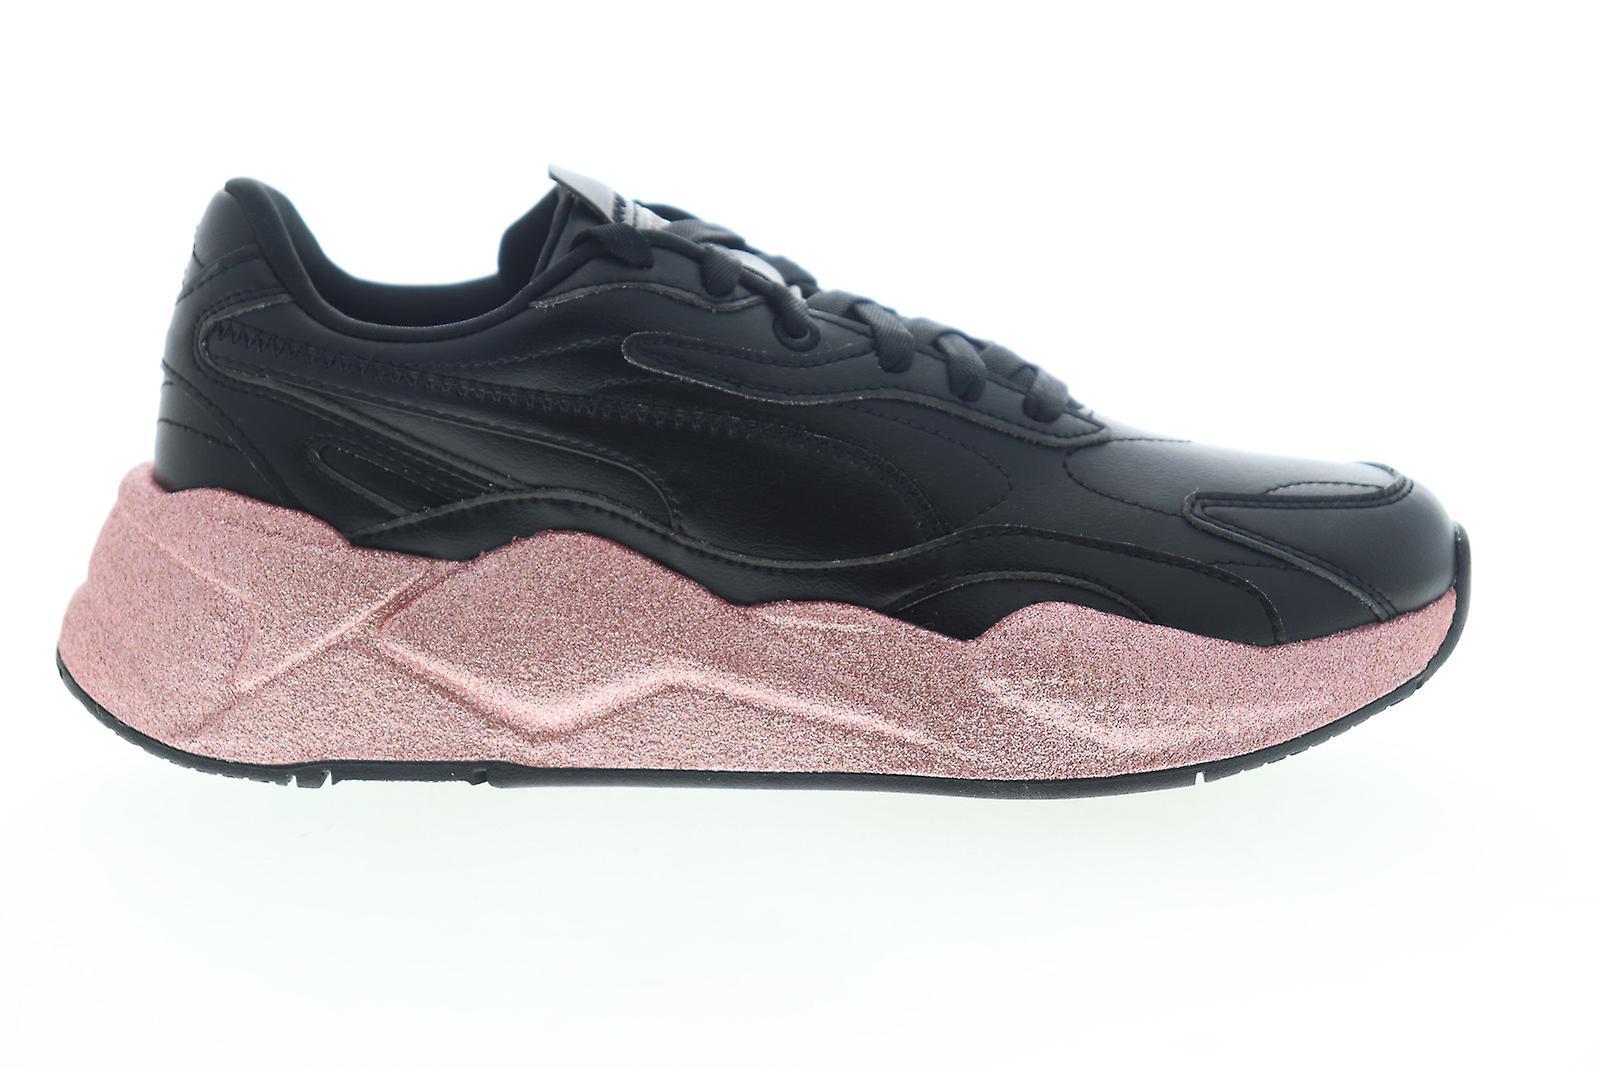 Puma RS-X3 Glitz Kvinder Sort Læder Lace Up Low Top Sneakers Sko